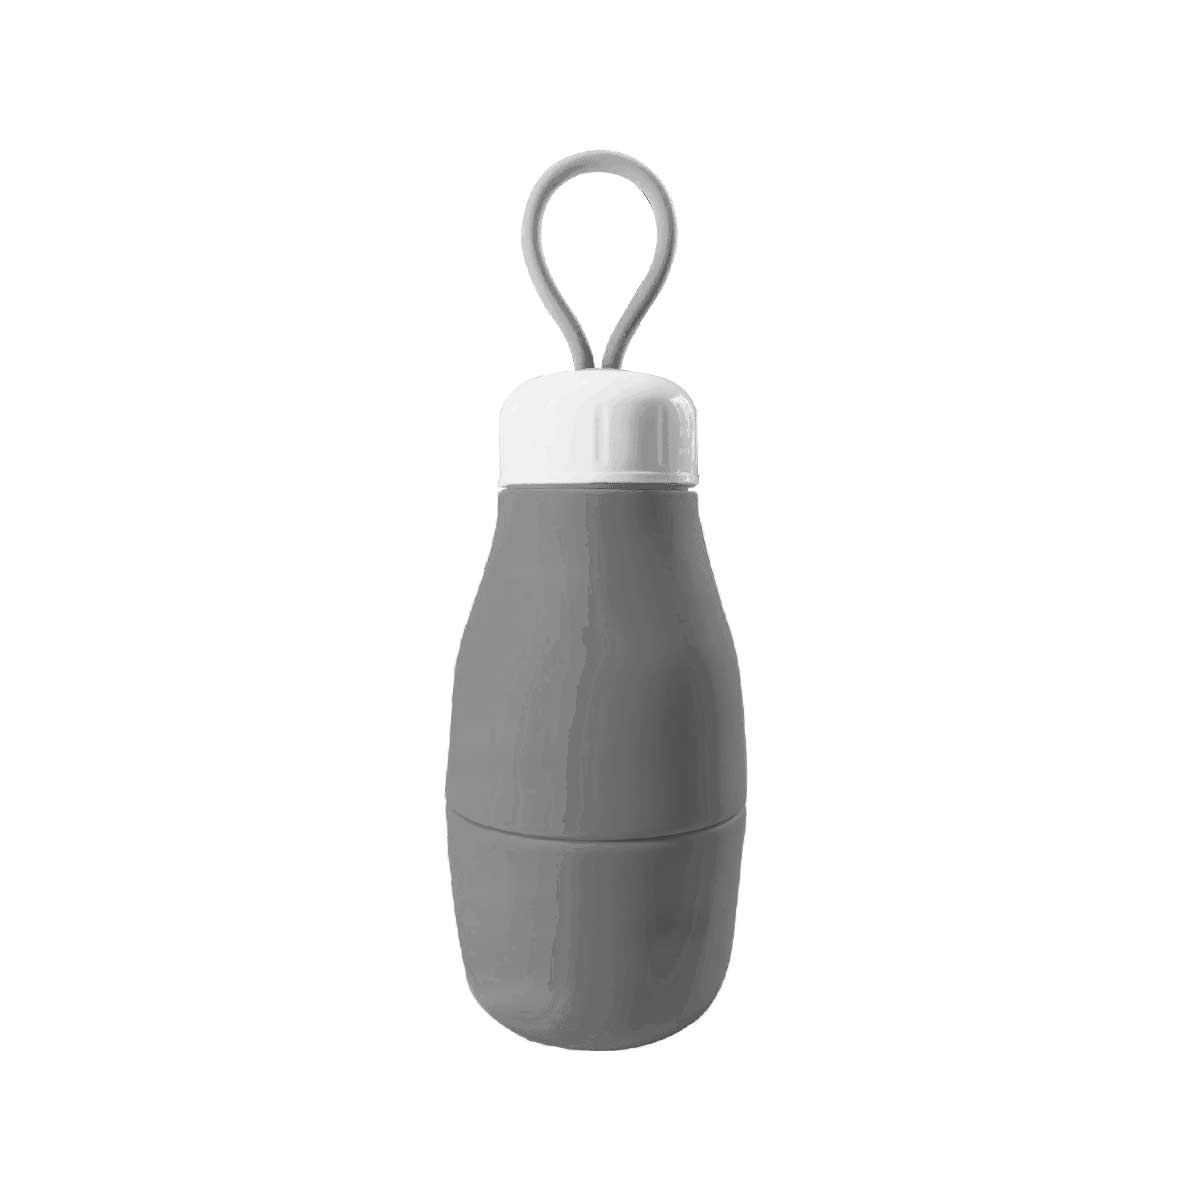 Garrafa de Silicone Retrátil - 560ml Cinza